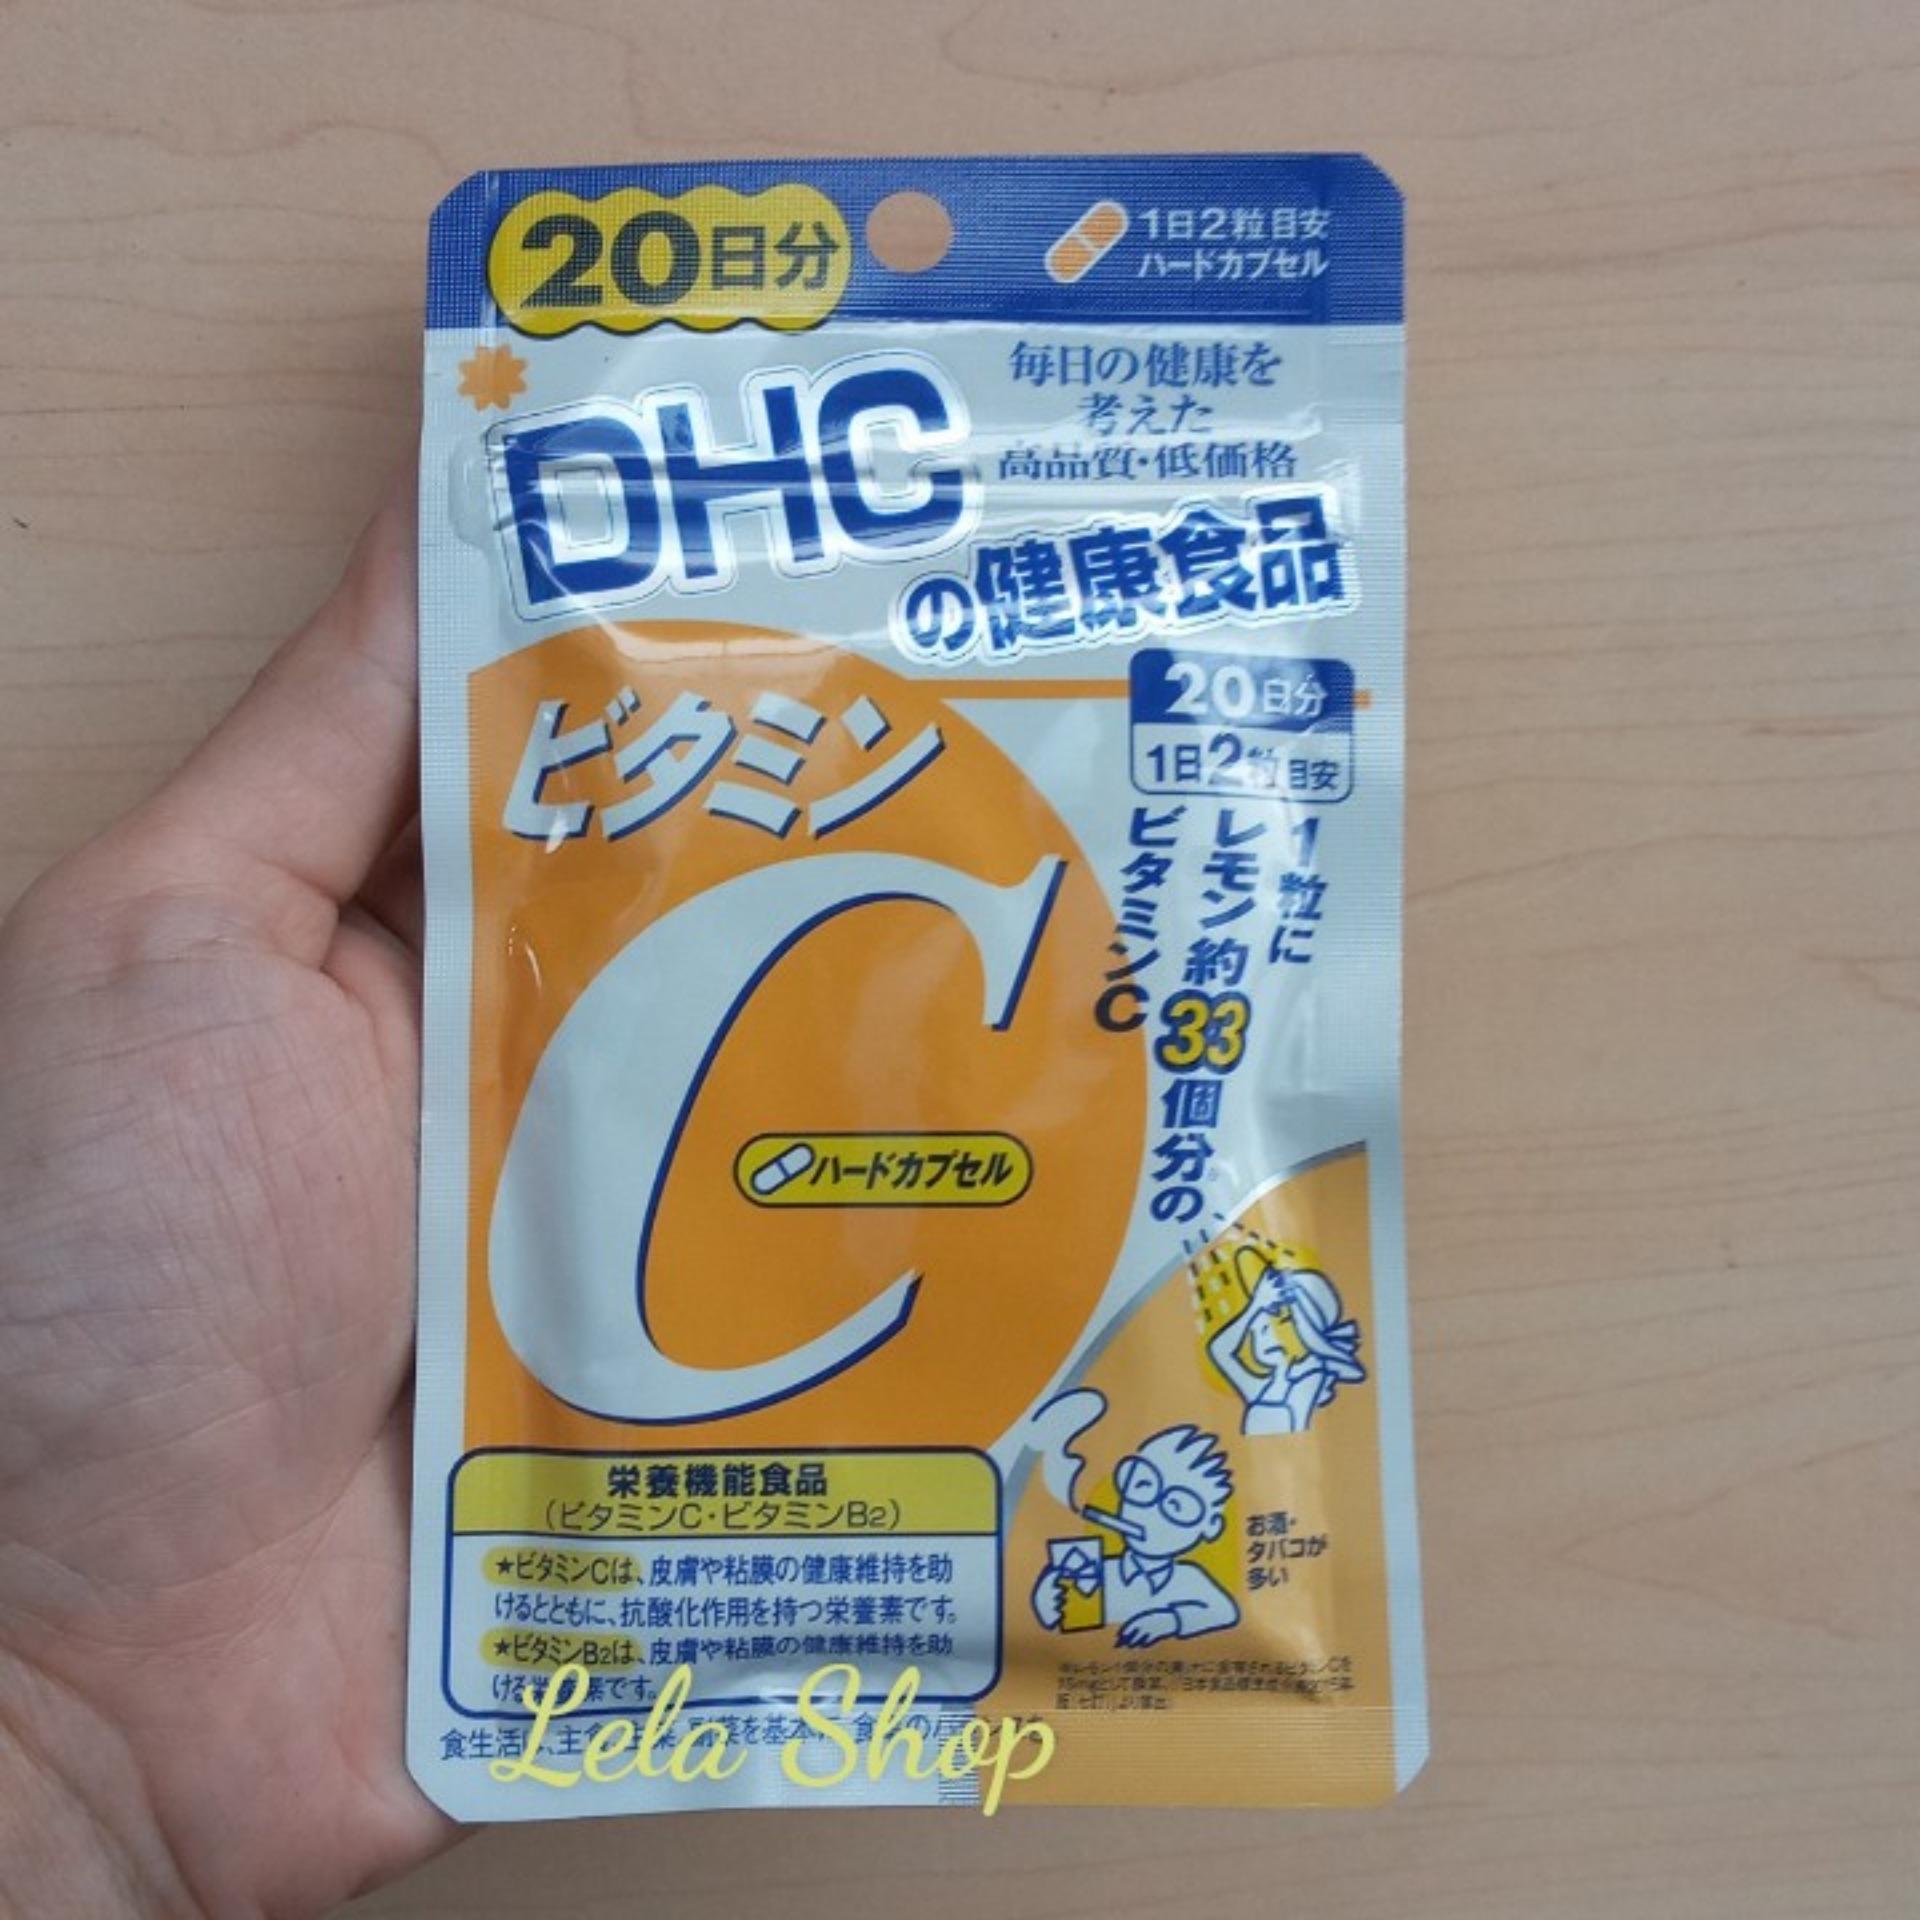 Viên Uống Bổ Sung Vitamin C DHC Nhật Bản nhập khẩu